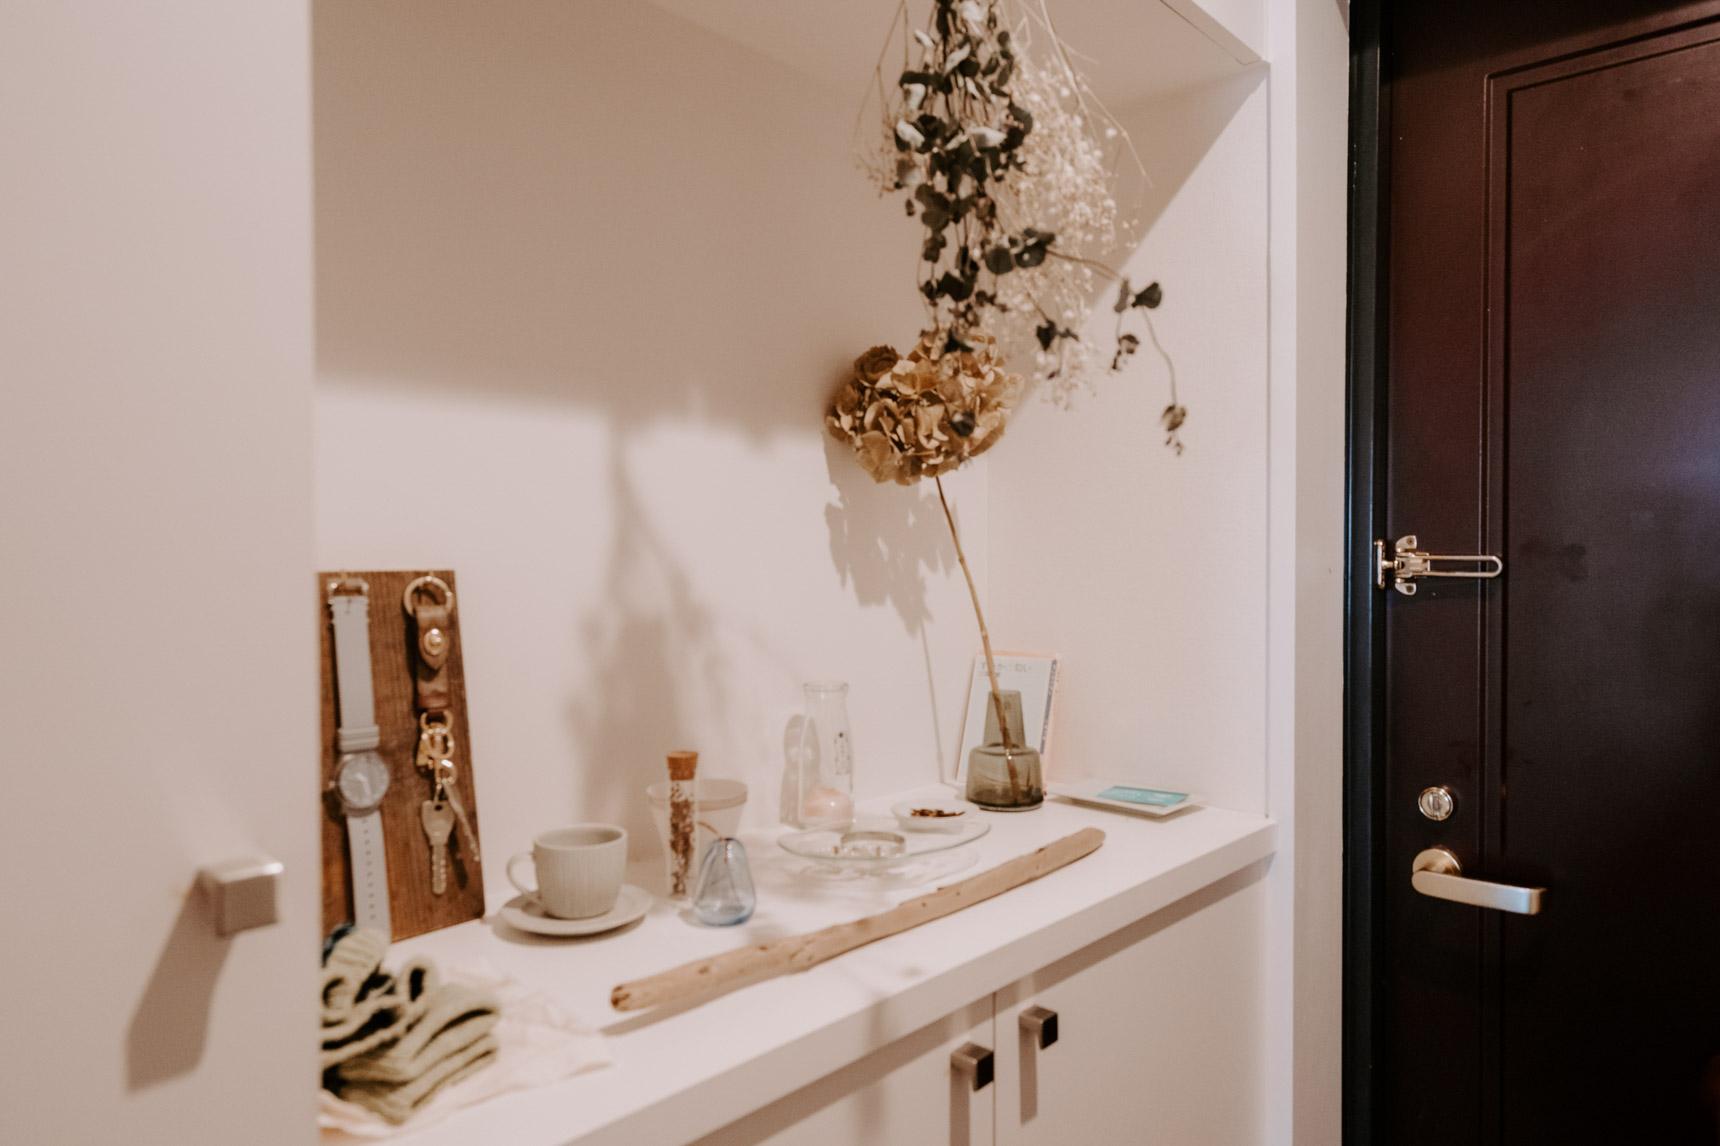 玄関を入ってすぐの場所にあるこちらの棚。雑多に必要なものを置いてしまいがちだけど、こうして綺麗にディスプレイするだけでグッとお部屋の印象は変わりますよ。白が映えるよう、ガラス素材を多く並べているのもポイントですね。(このお部屋をもっと見る)